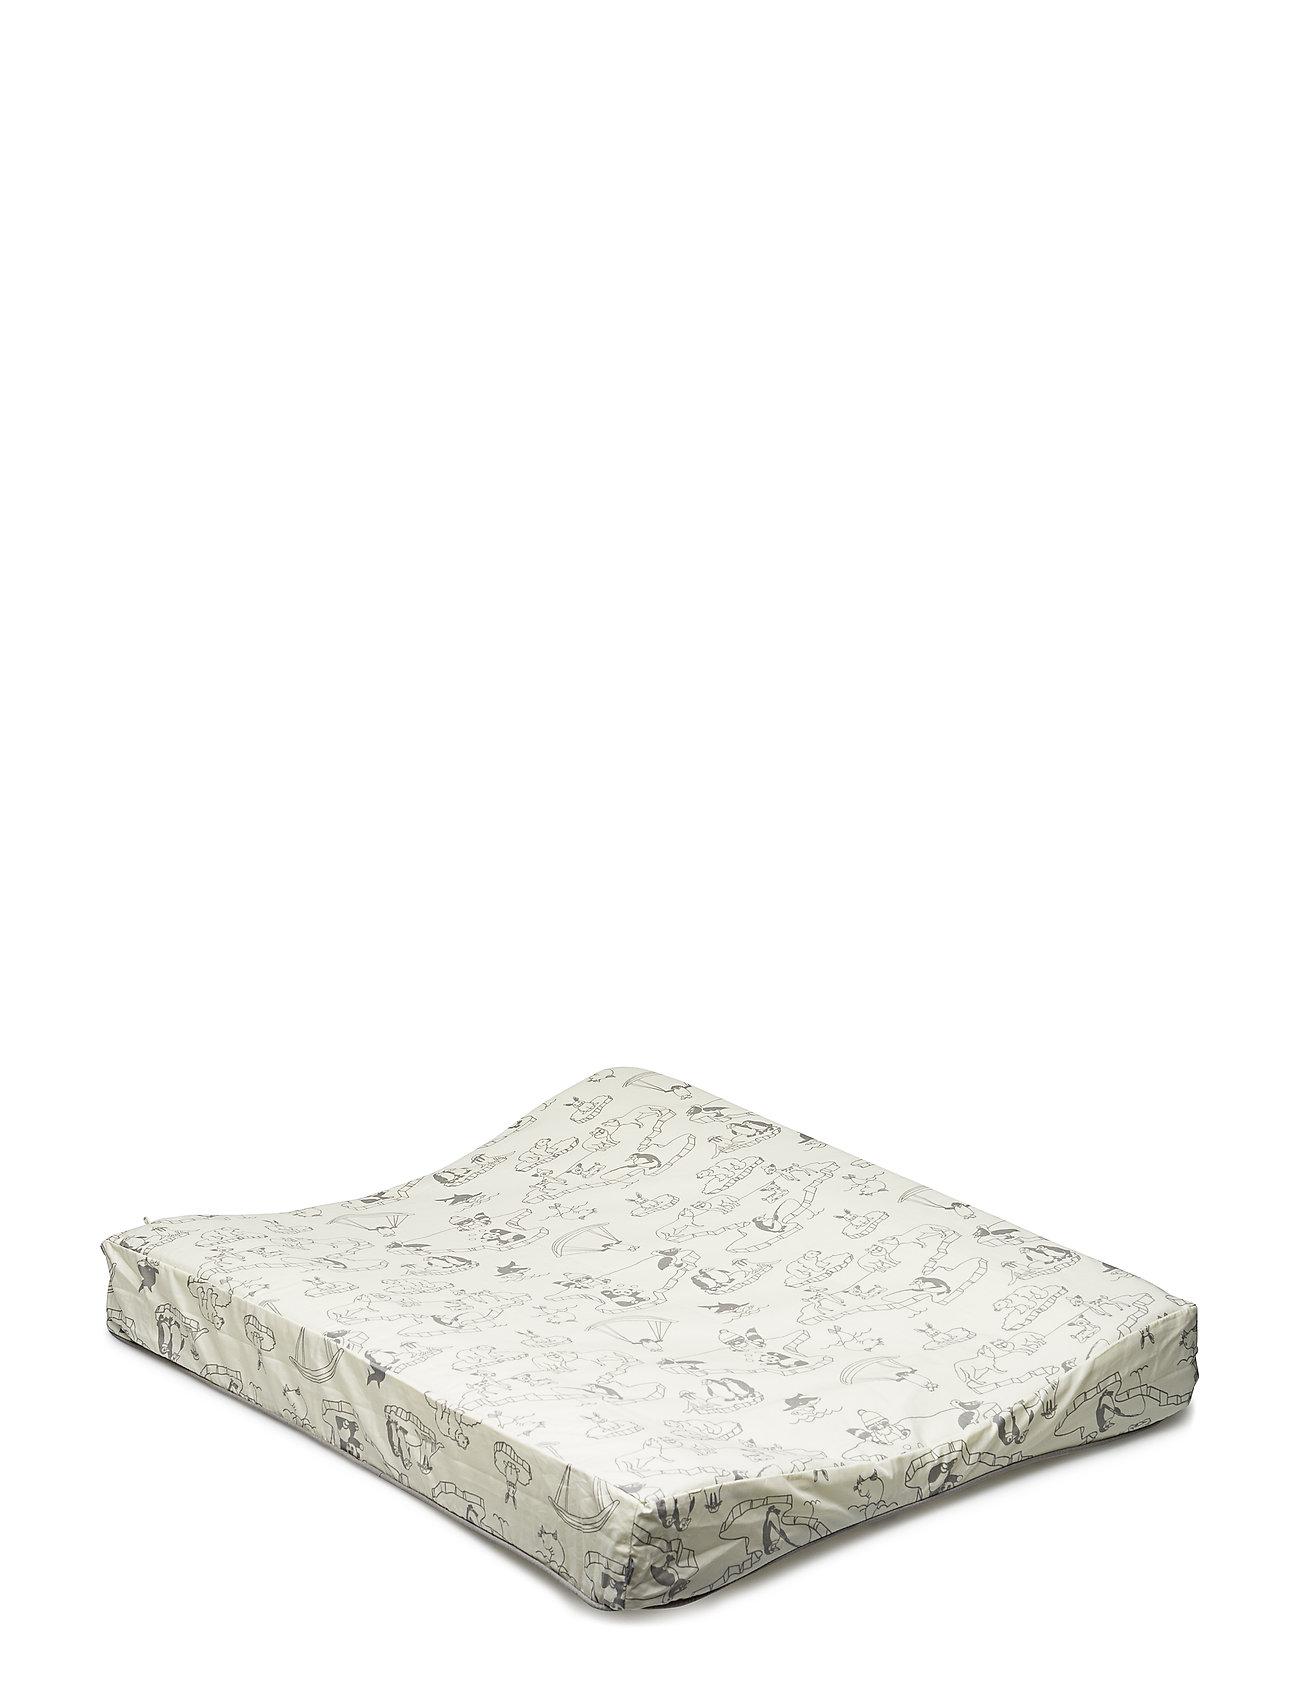 smã¥folk – Changing pad cover. gots på boozt.com dk